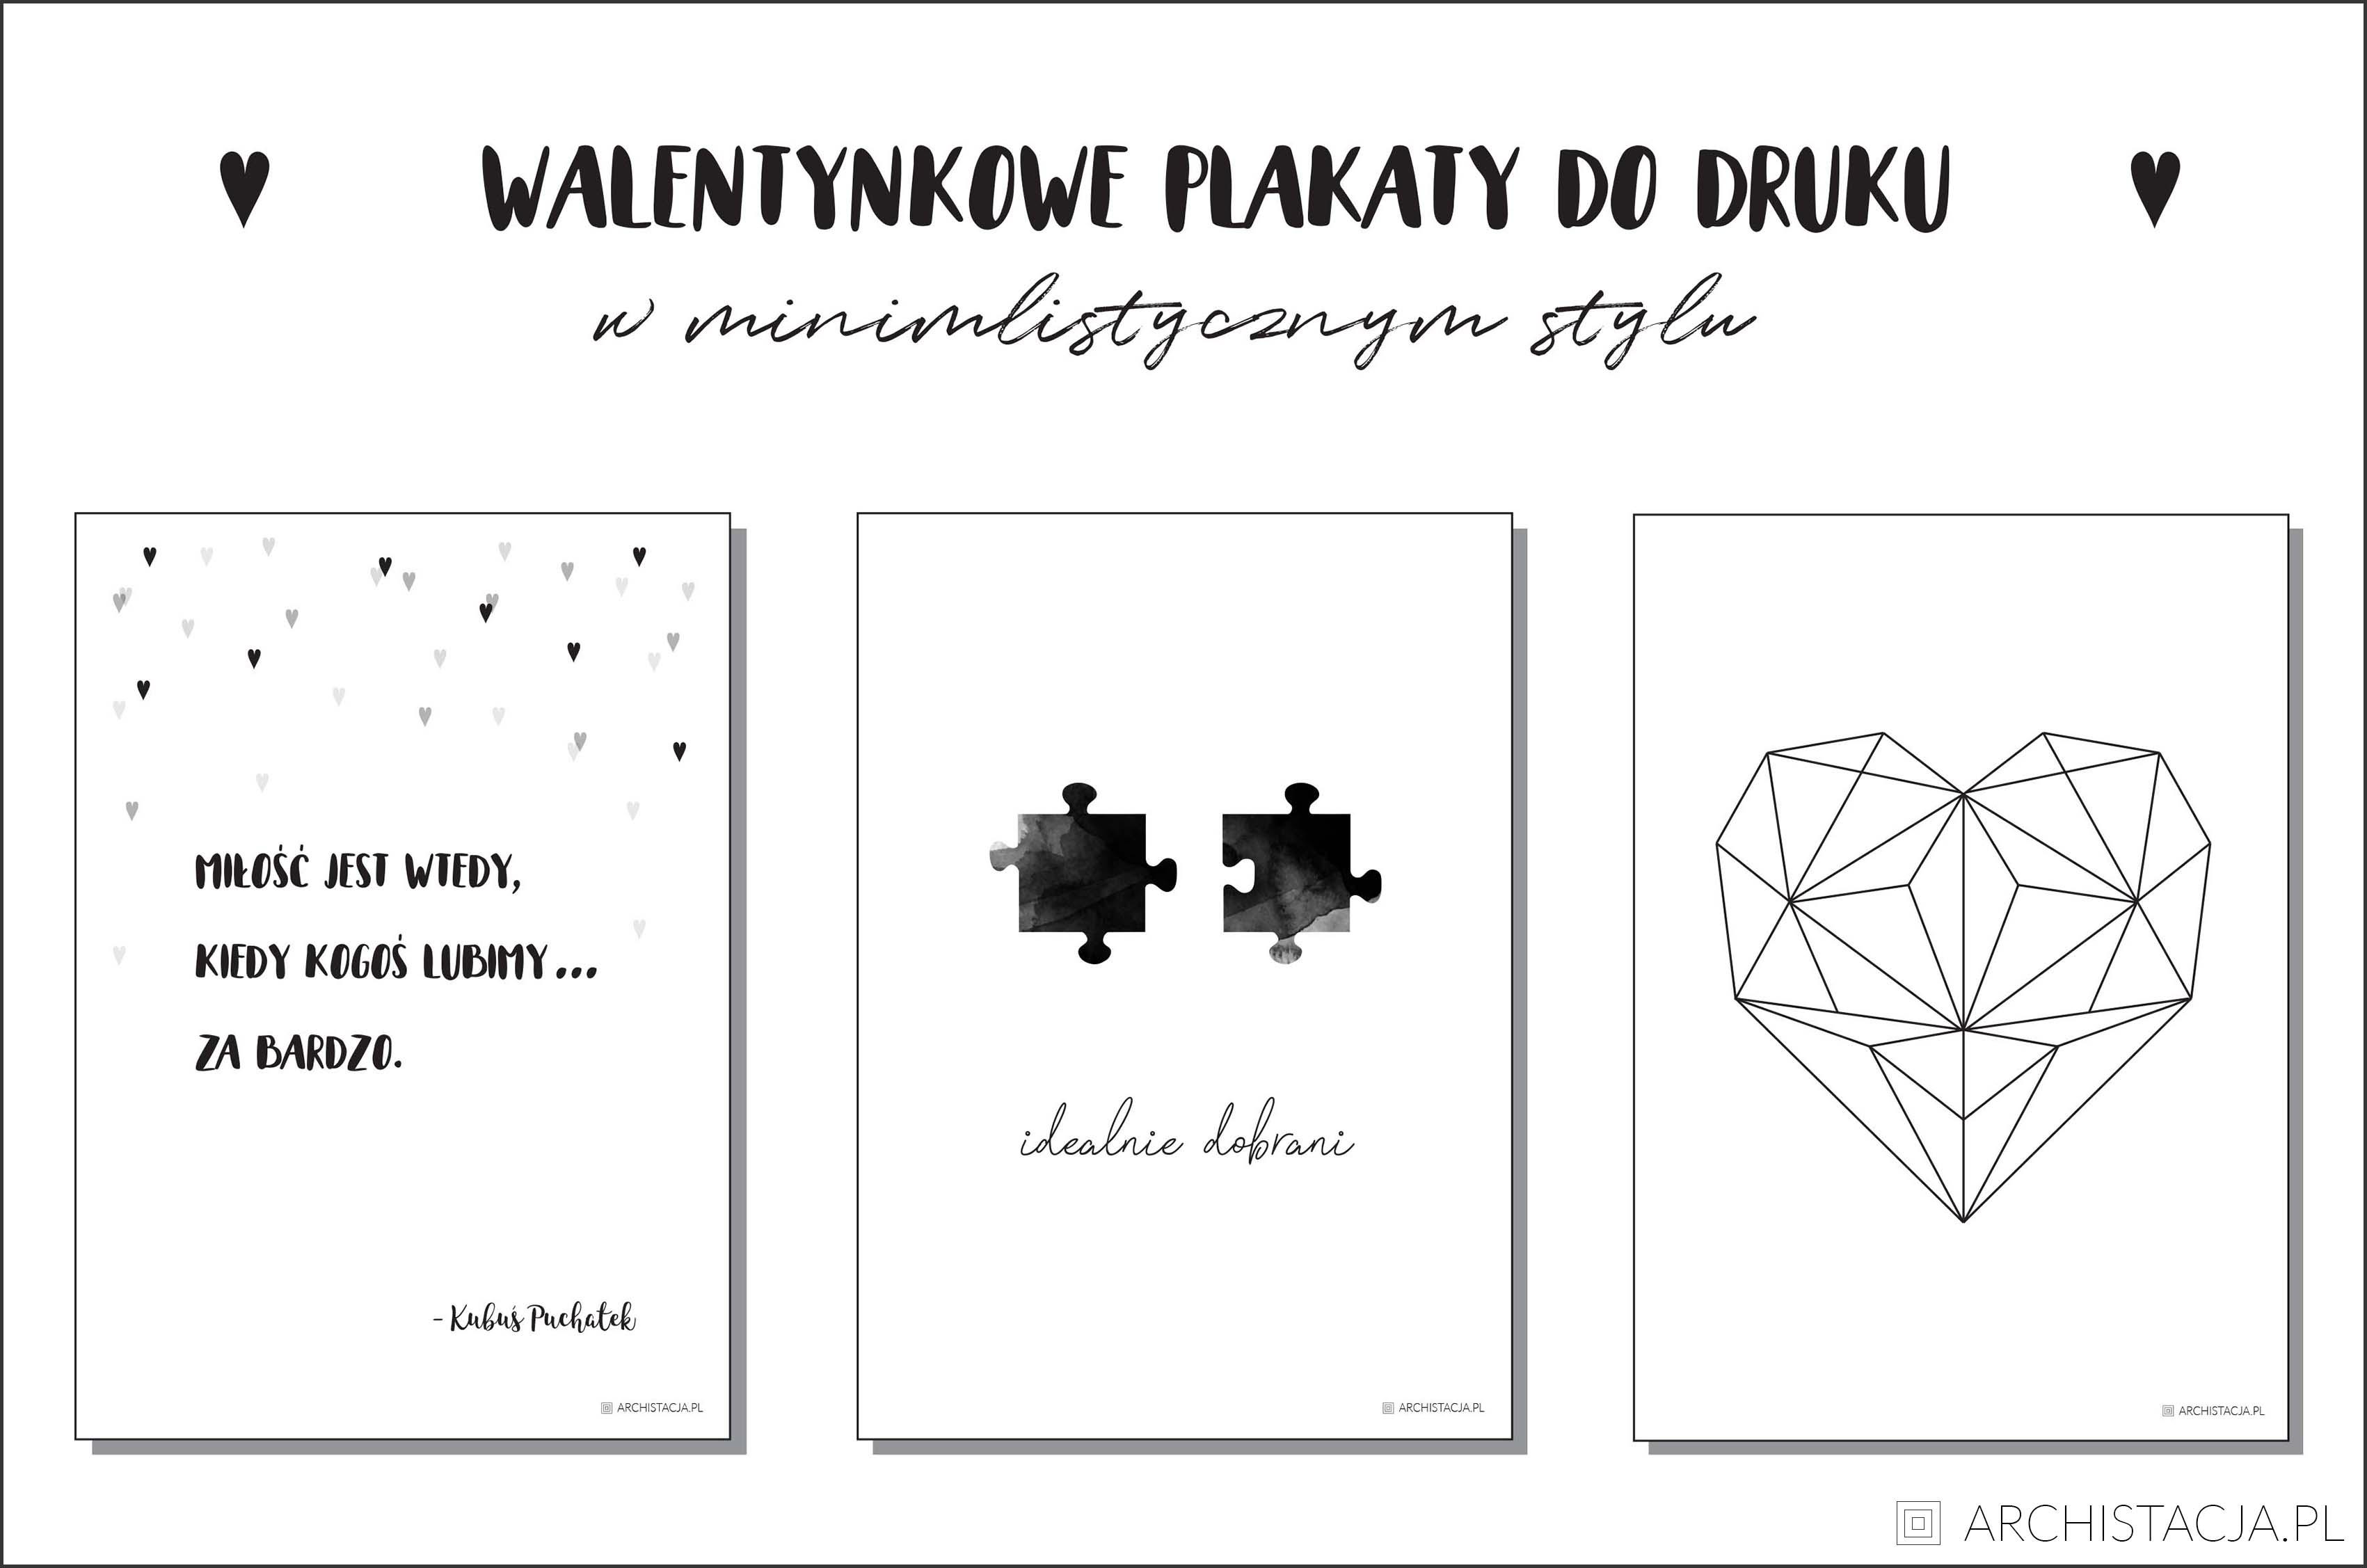 Walentynkowe plakaty DO DRUKU